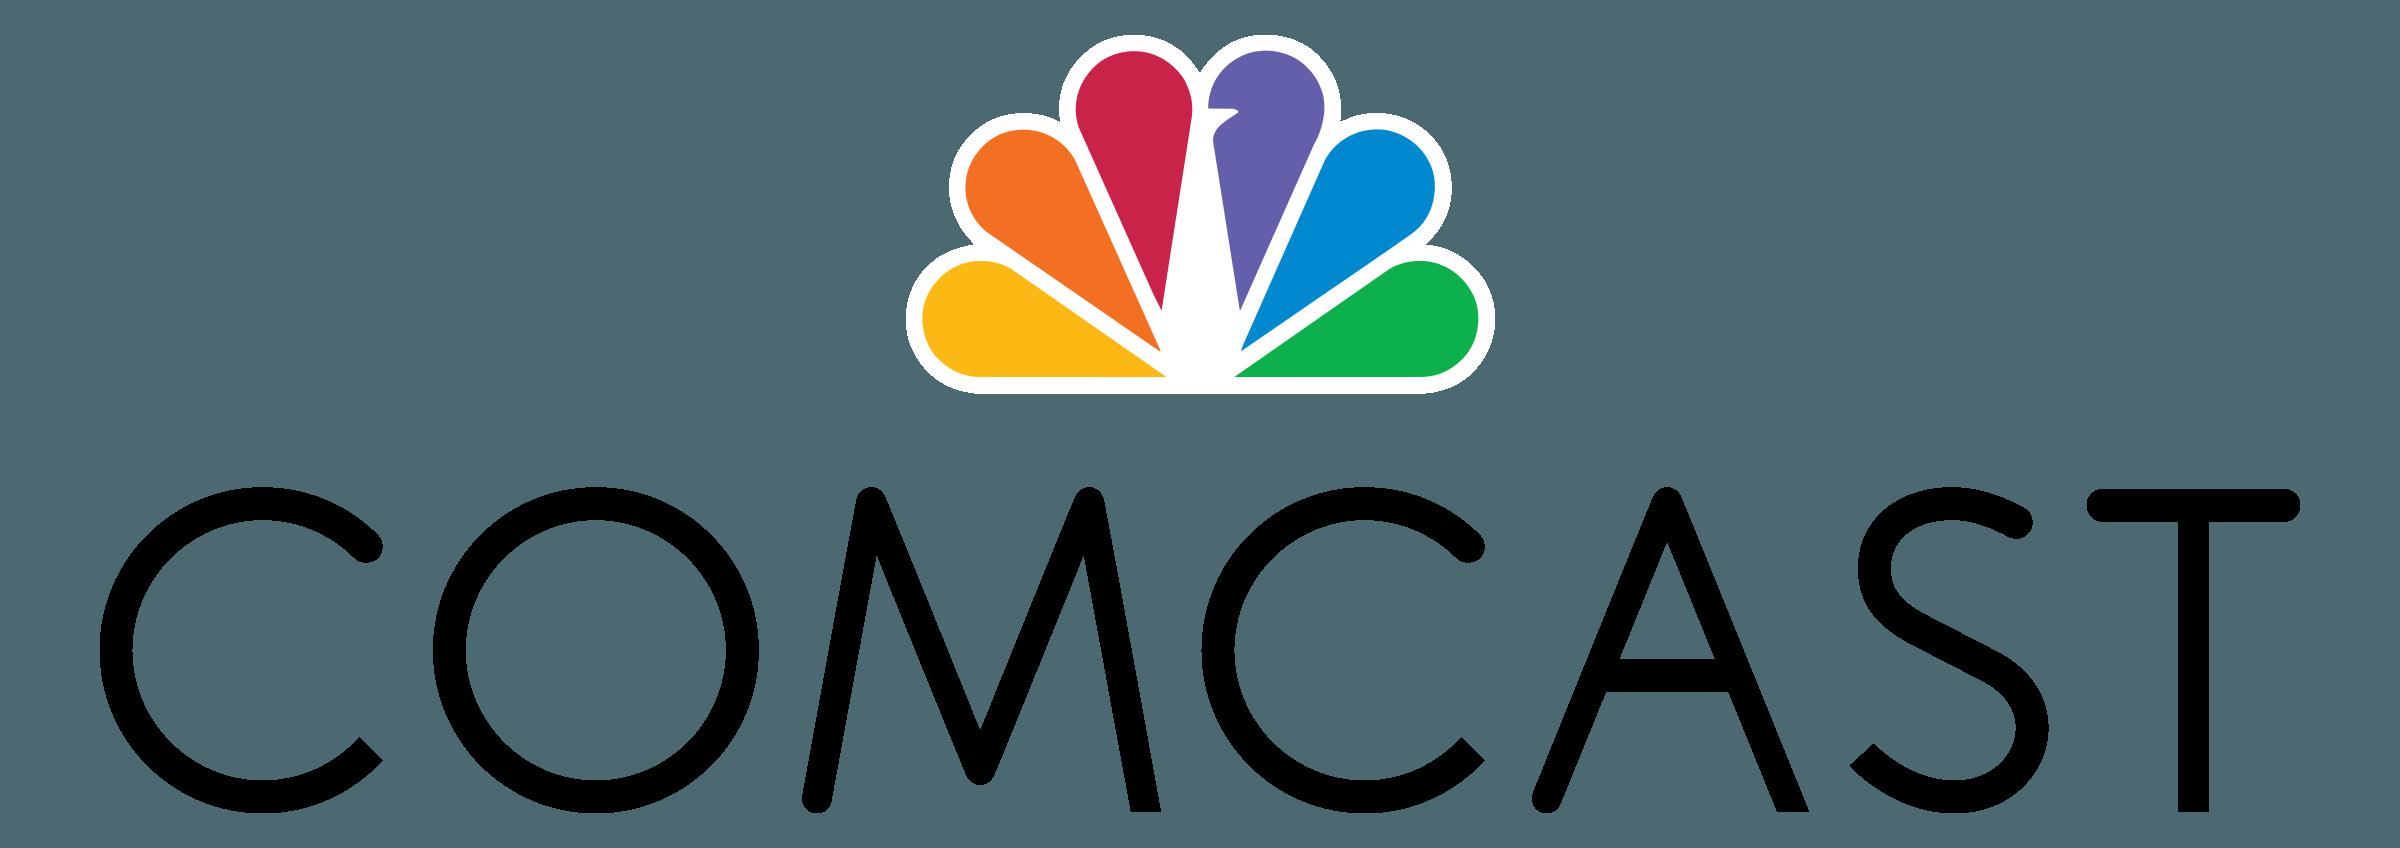 comcast-logo-transparent